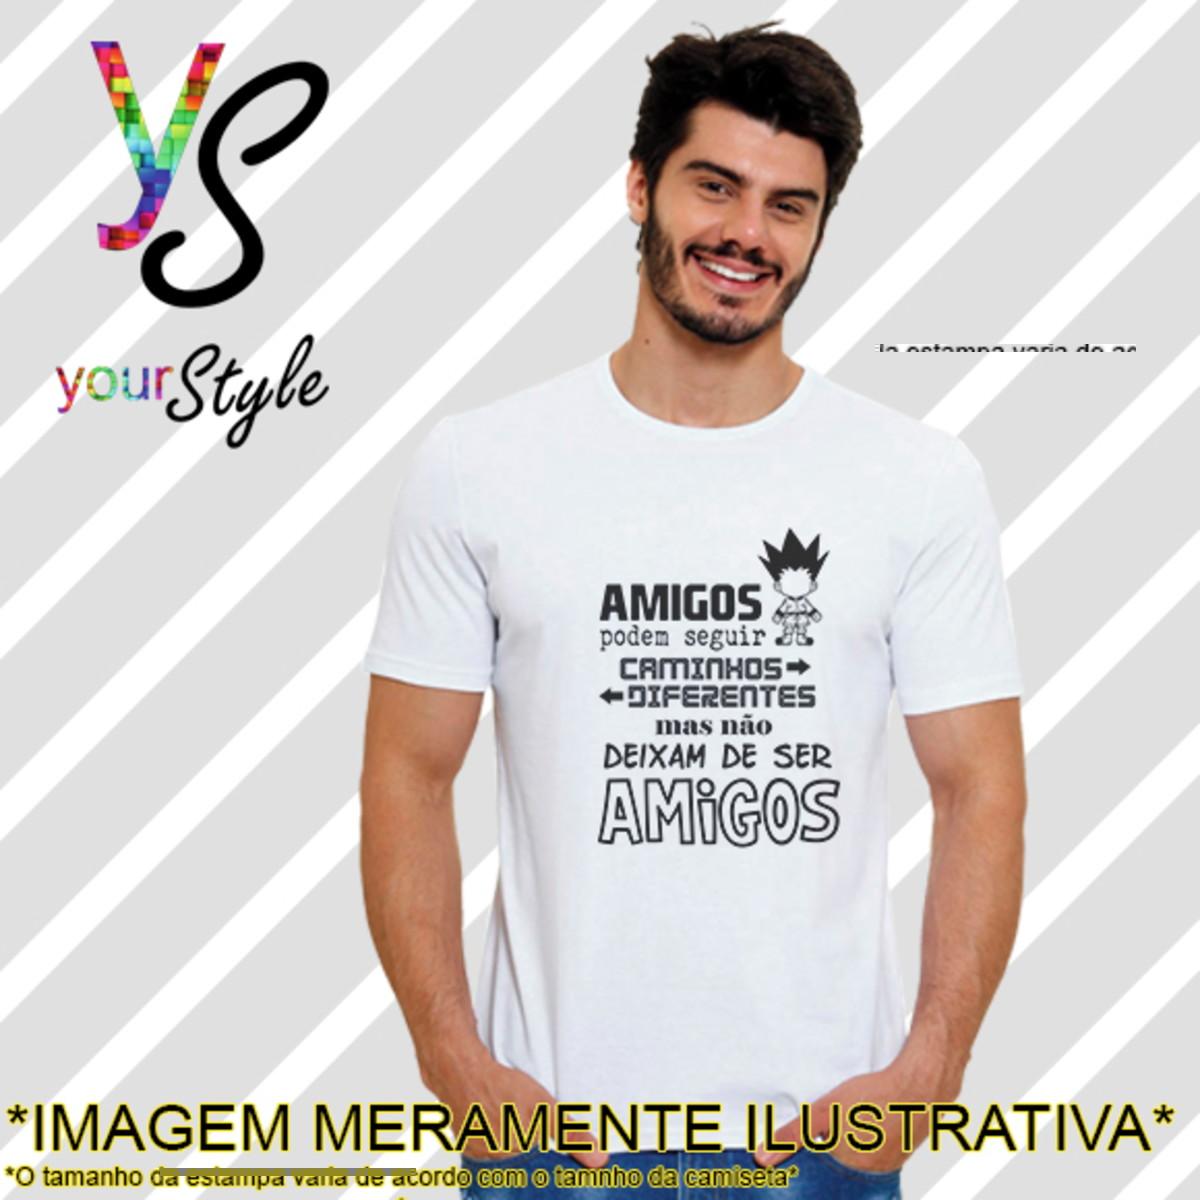 Camiseta Com Frase Amigos Podem Seguir Caminhos Diferentes